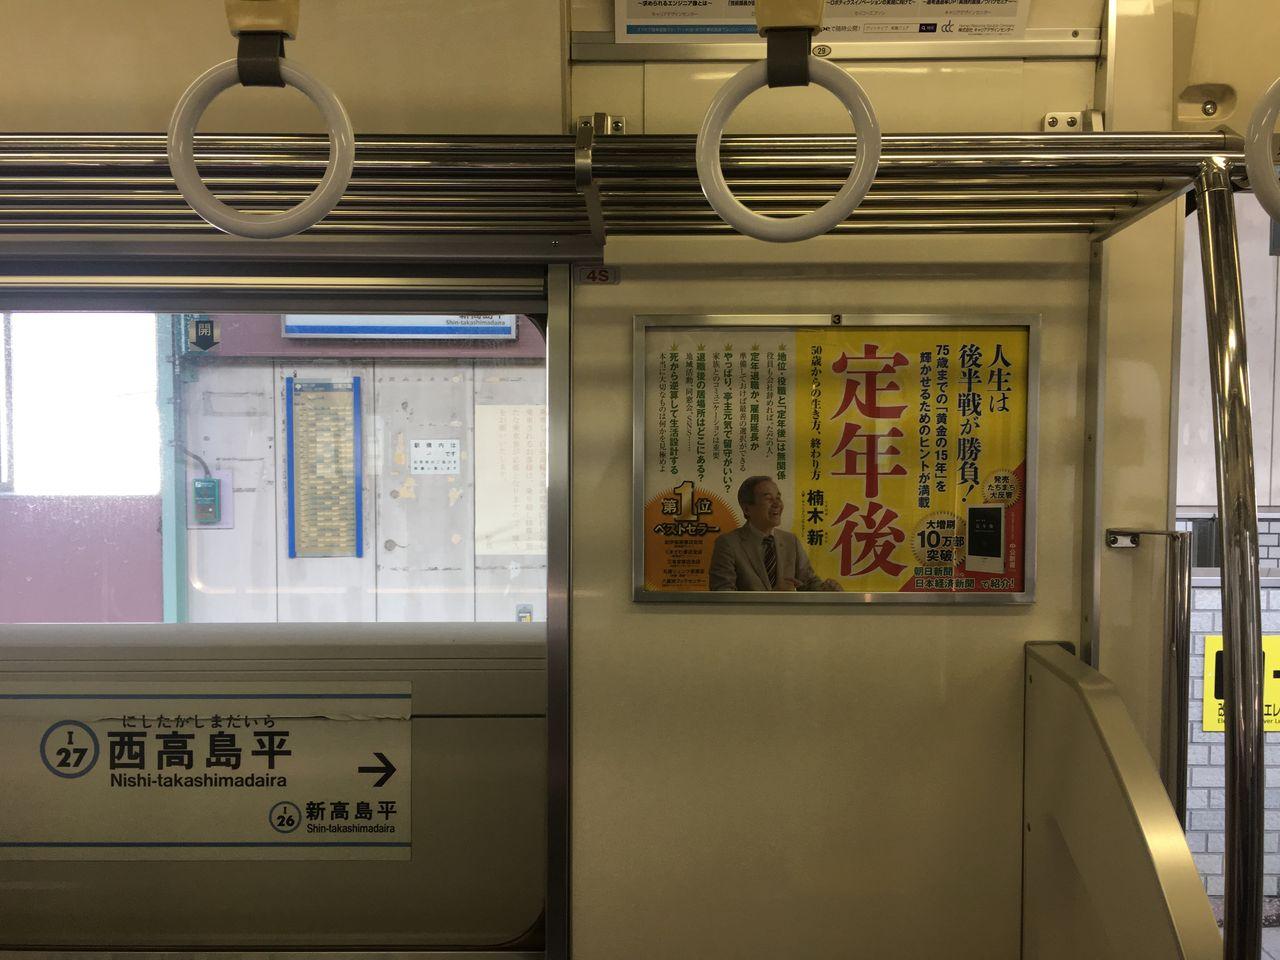 都営地下鉄広告